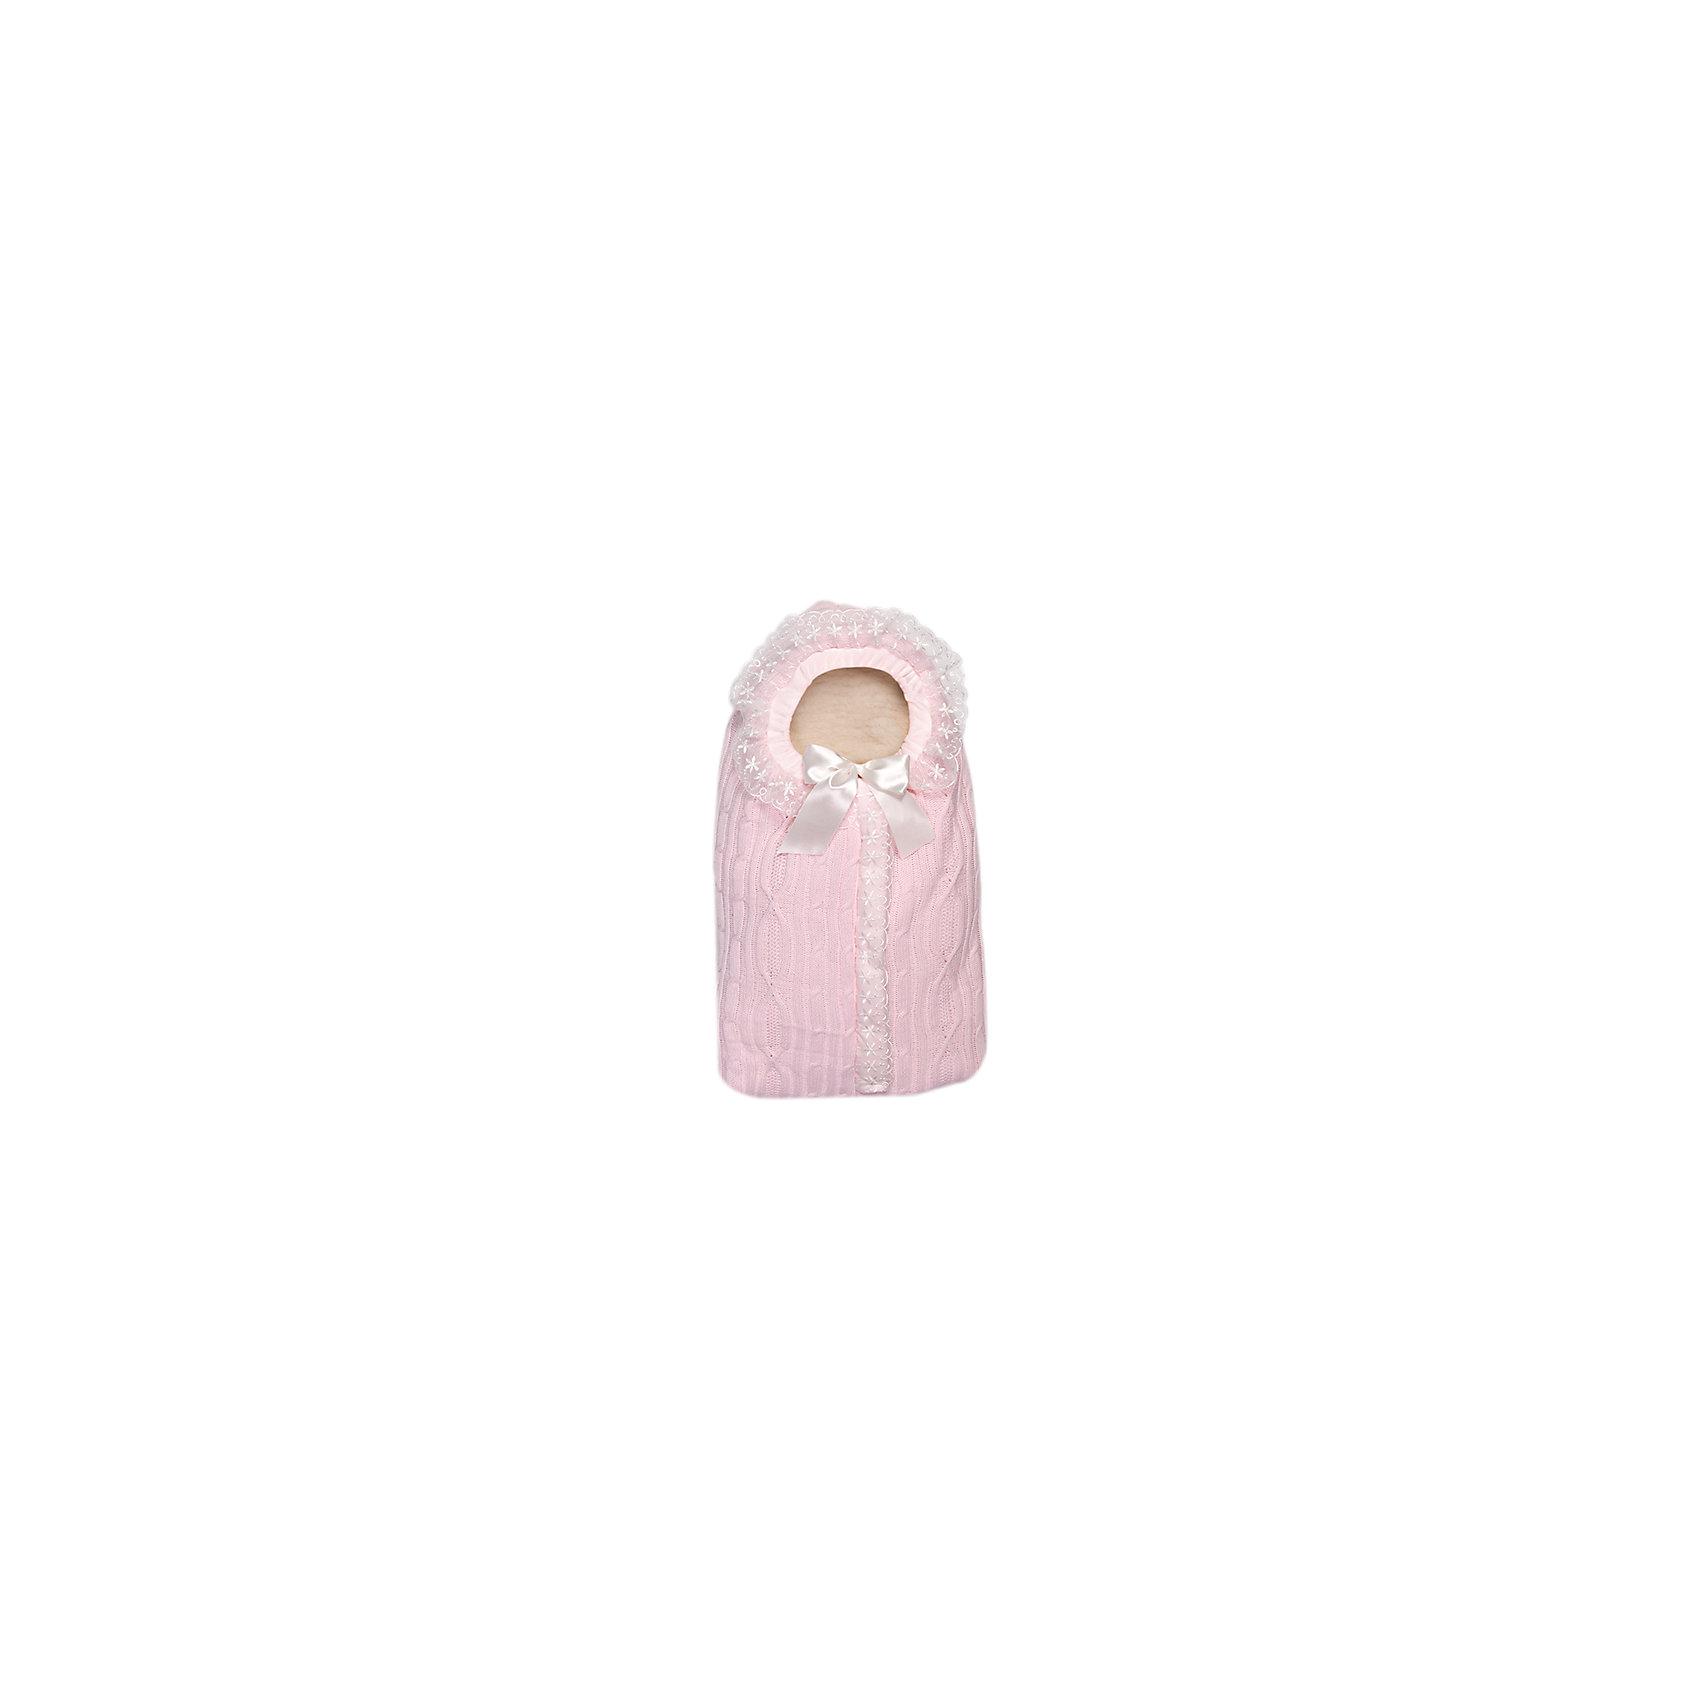 Конверт Зимняя радость, 1 молния, Сонный гномик, розовый